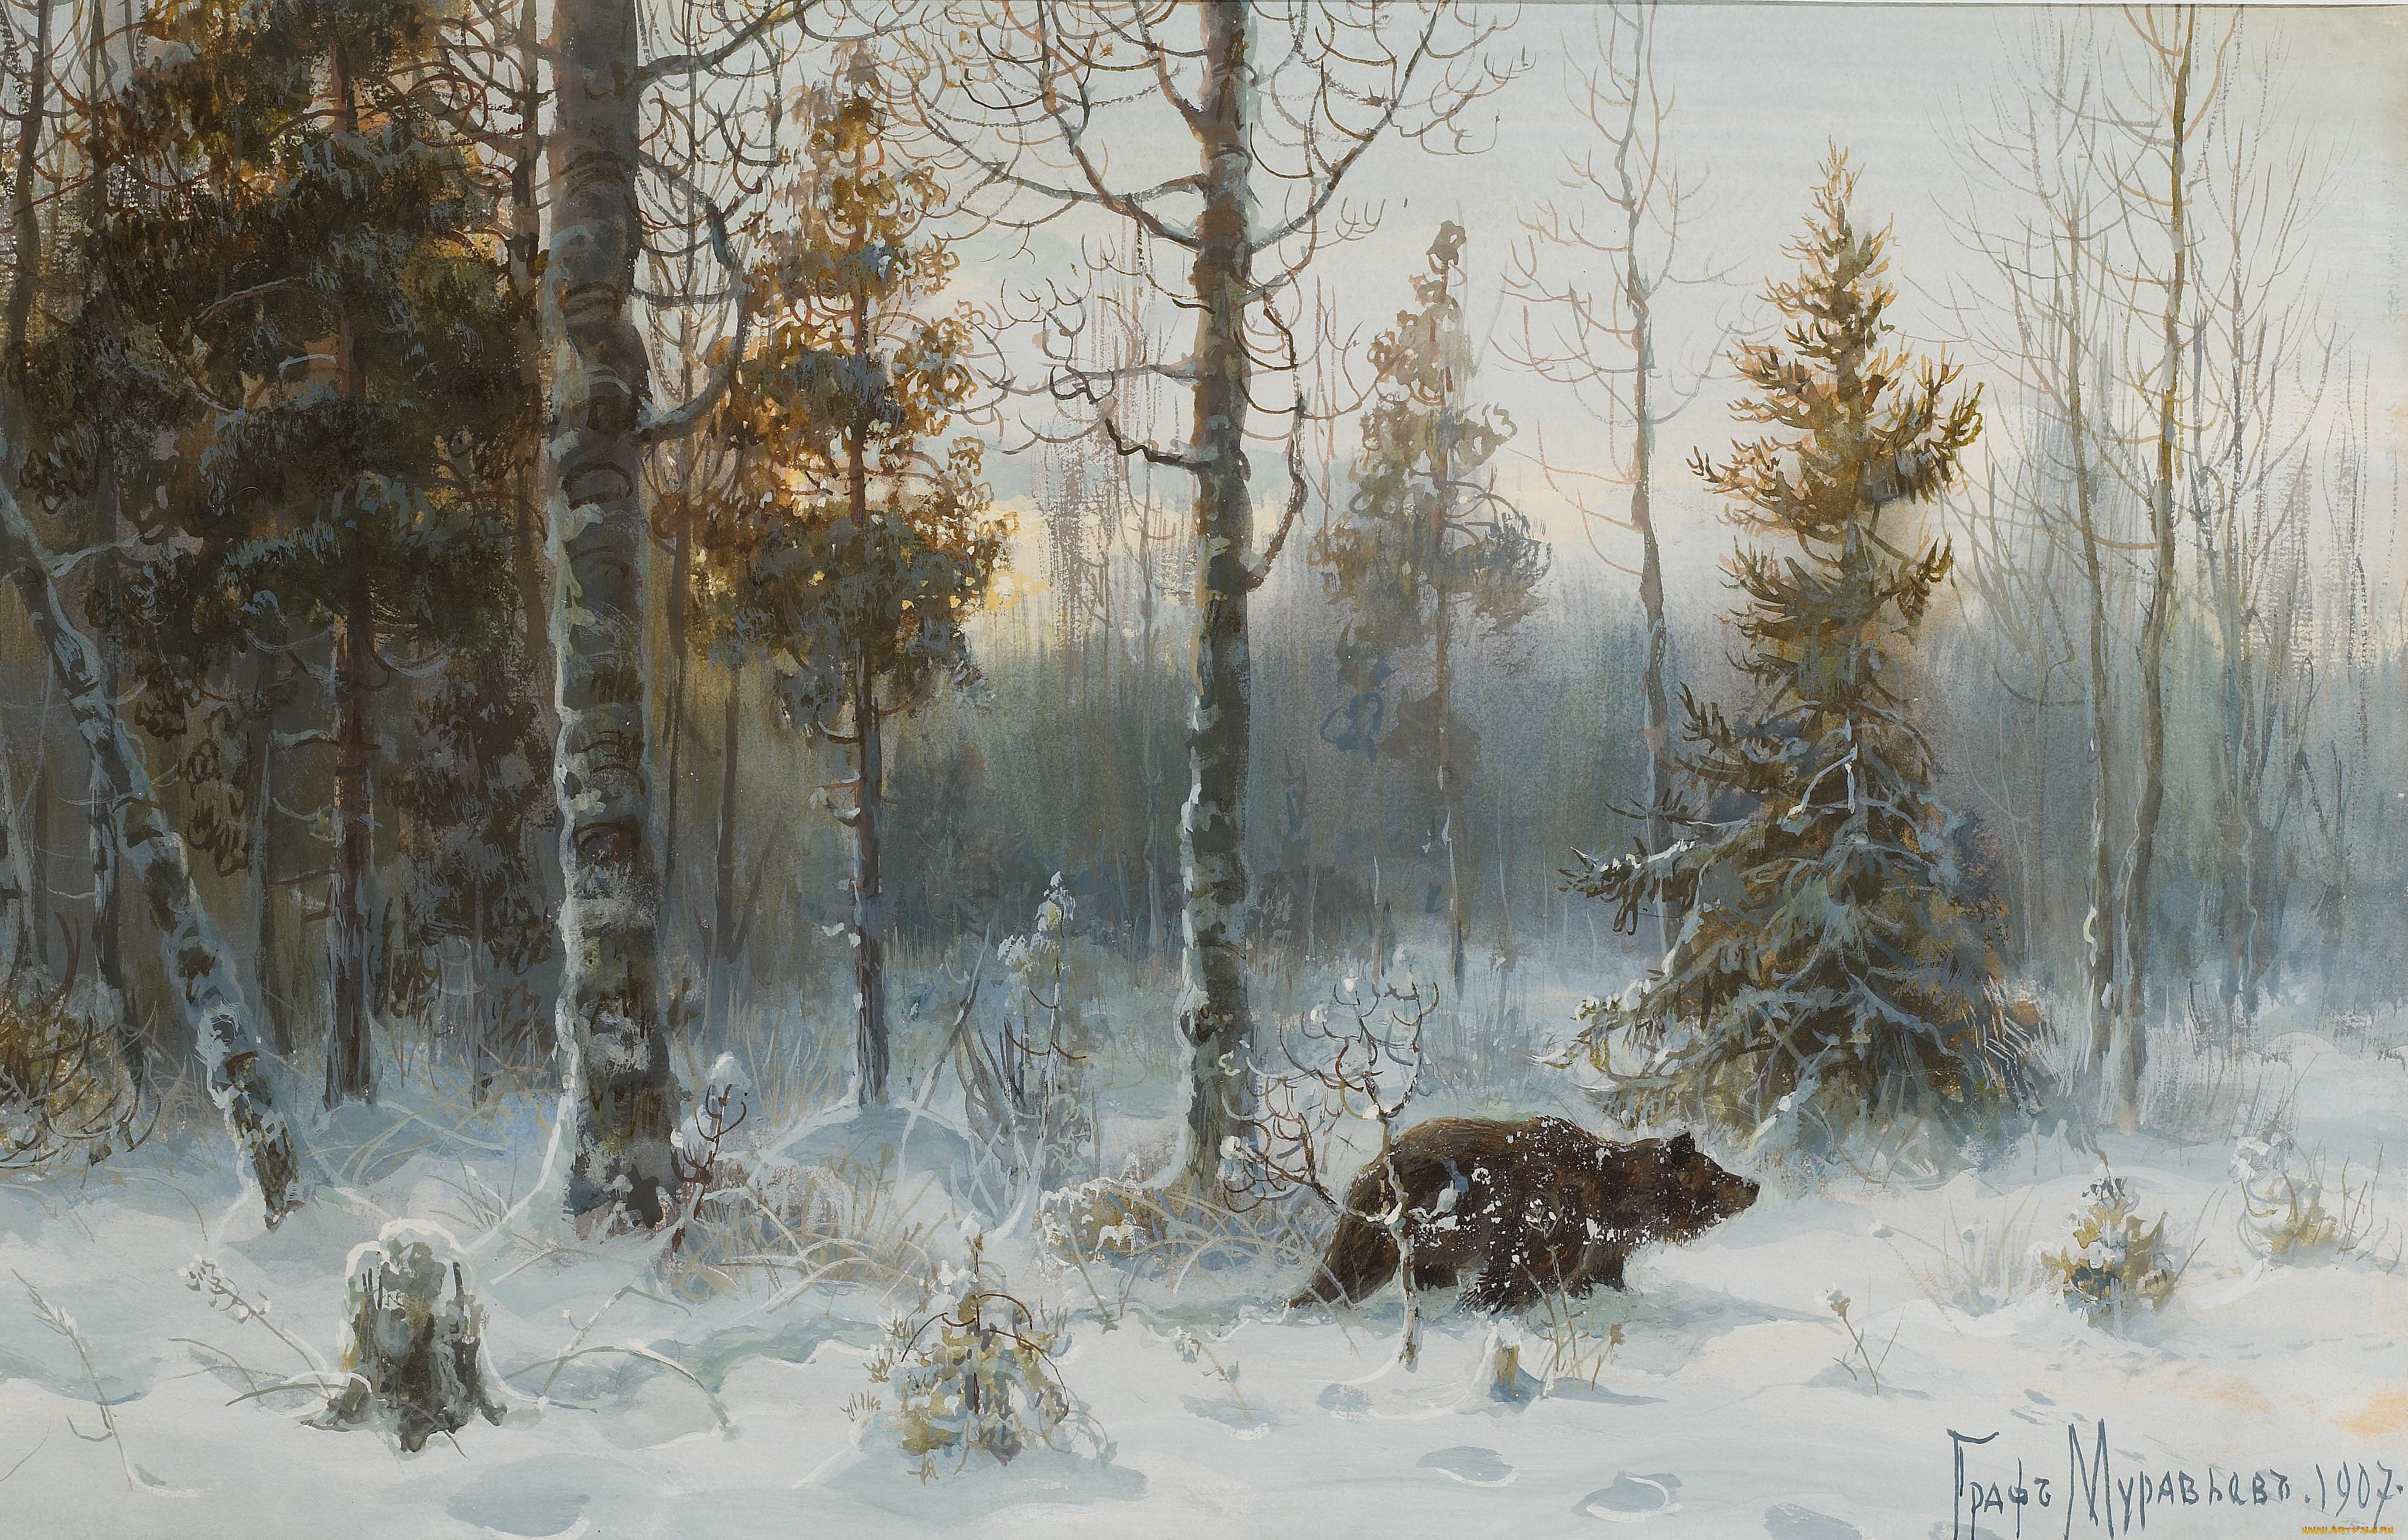 Раздела до гола зимой в лесу